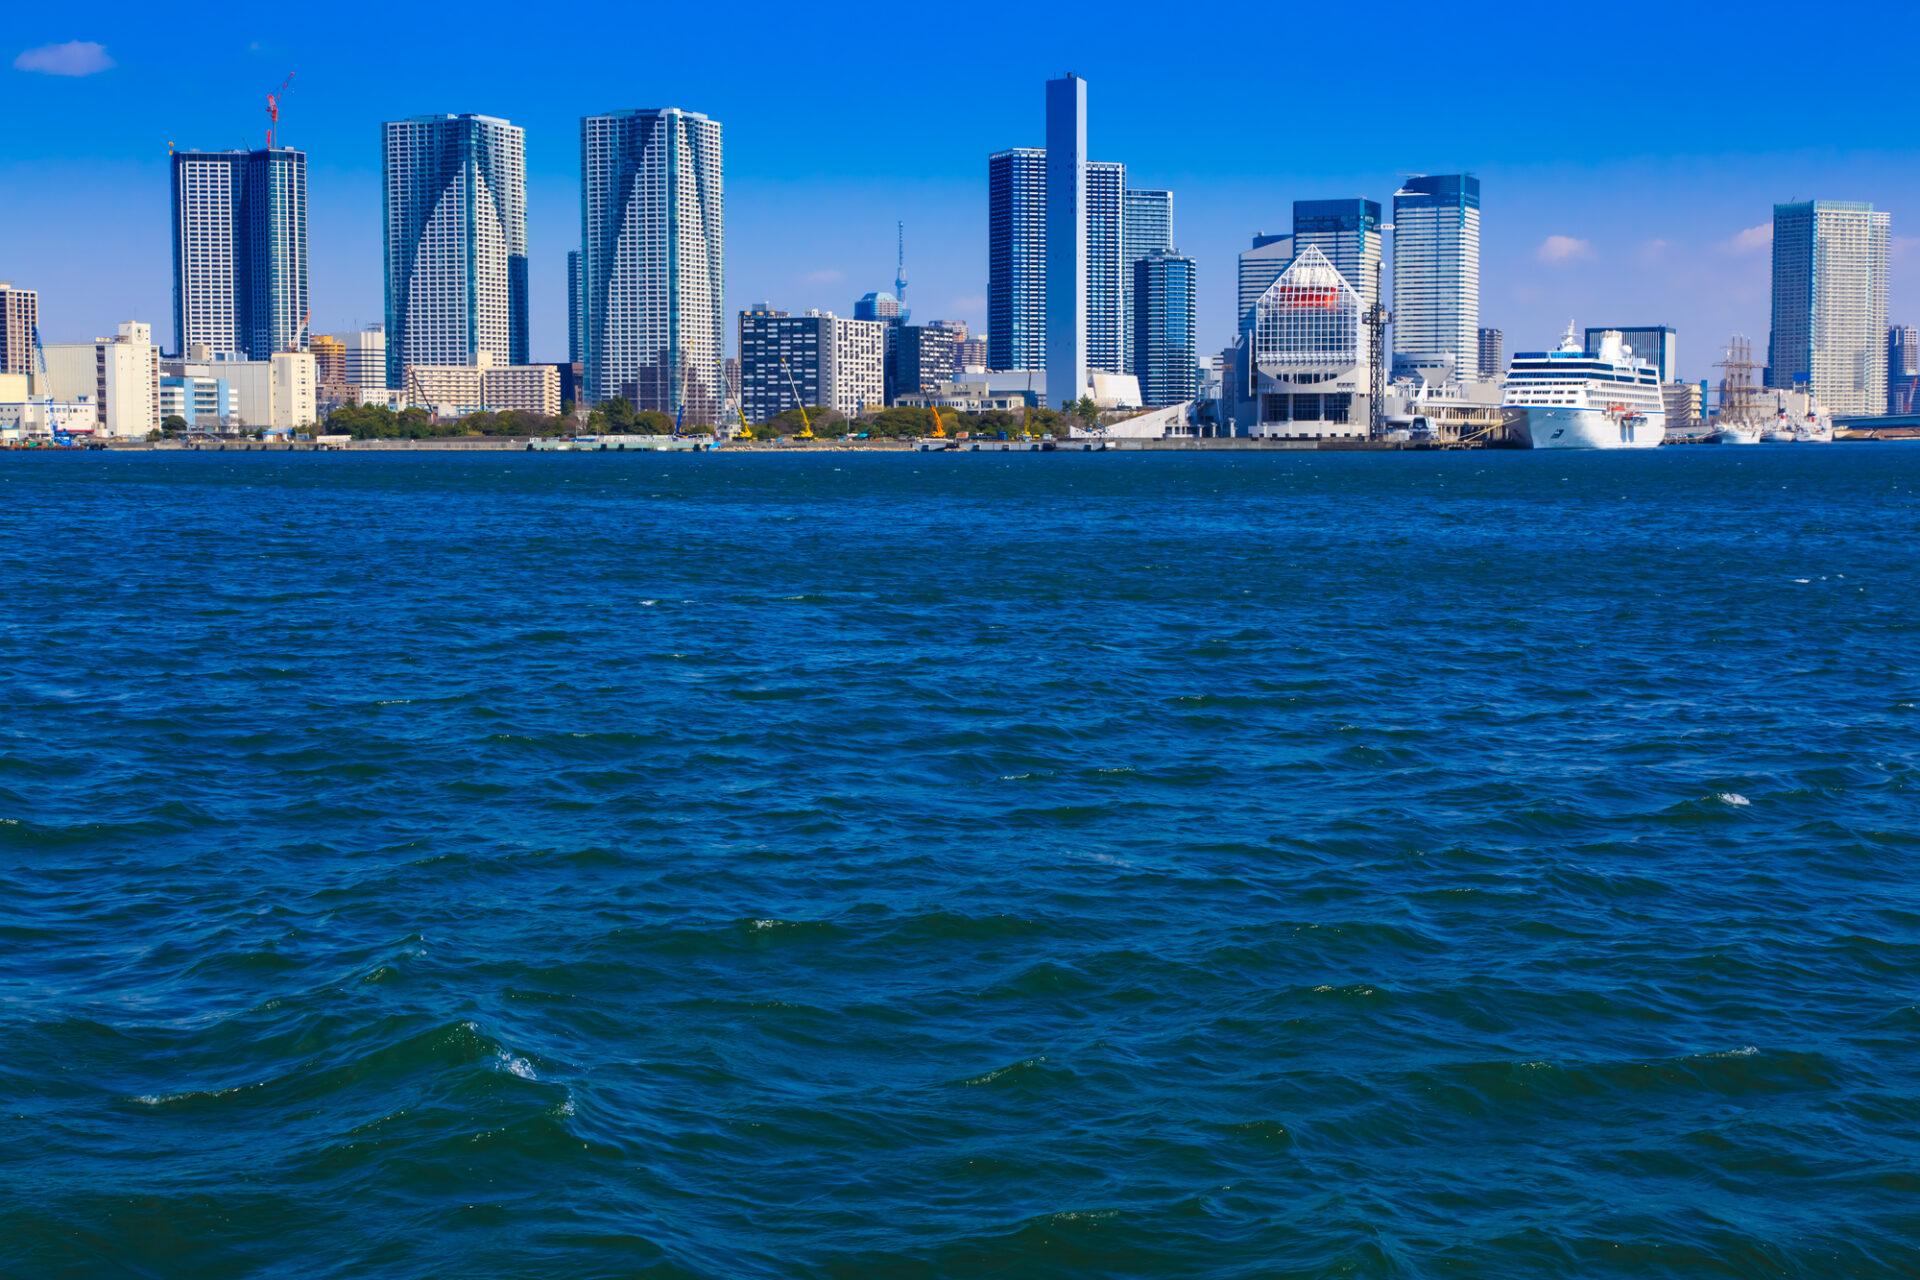 東京湾とビル群